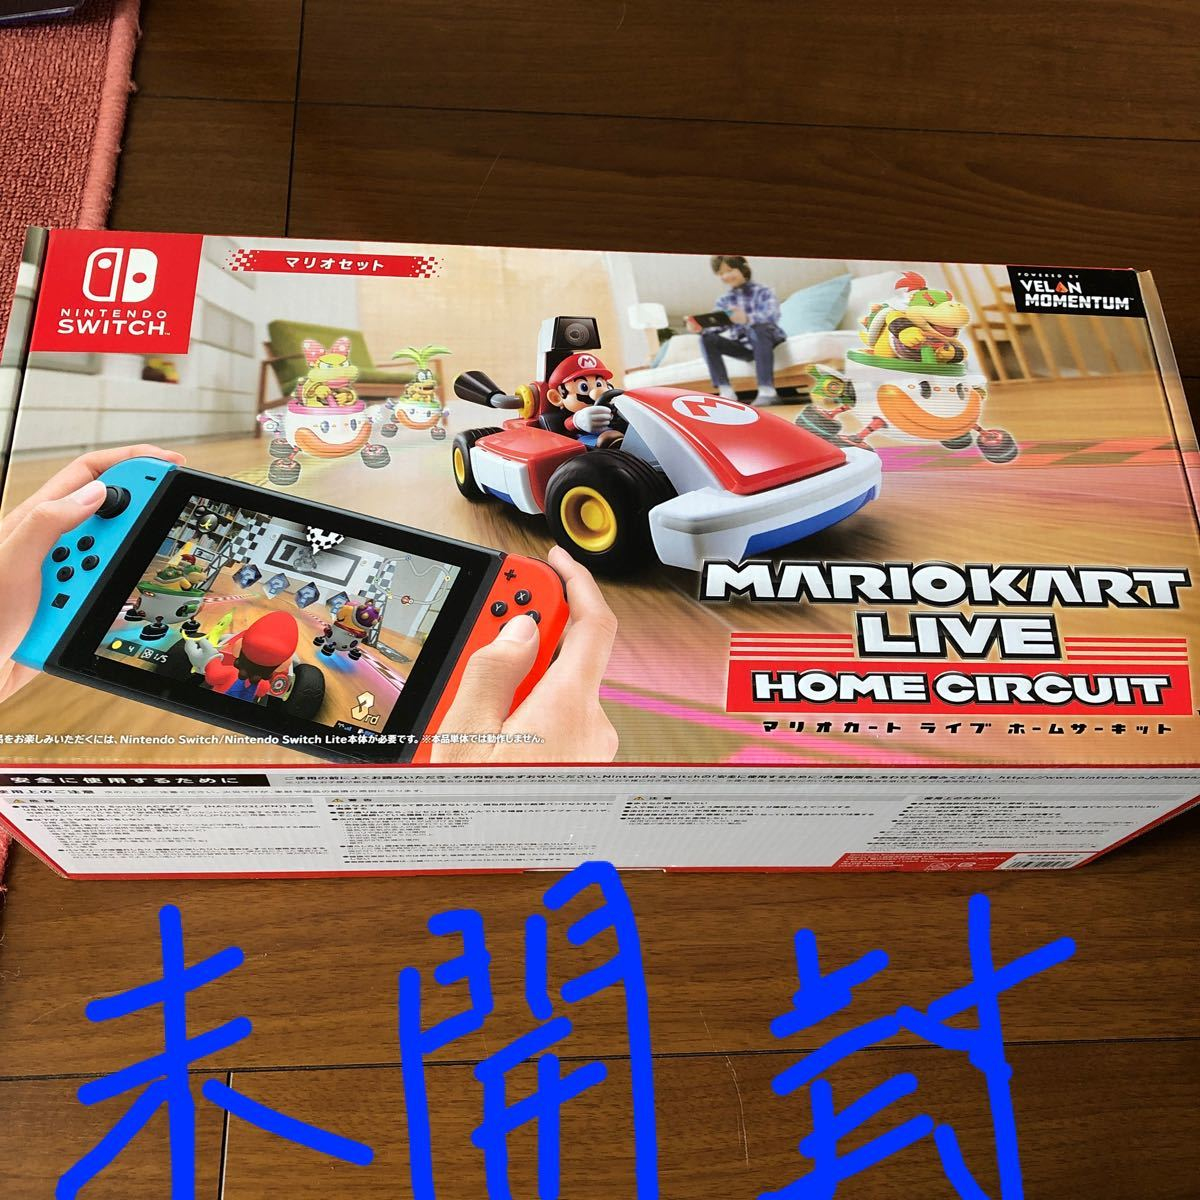 Nintendo Switch ニンテンドースイッチ ニンテンドー マリオカート ライブ ホームサーキット マリオセット